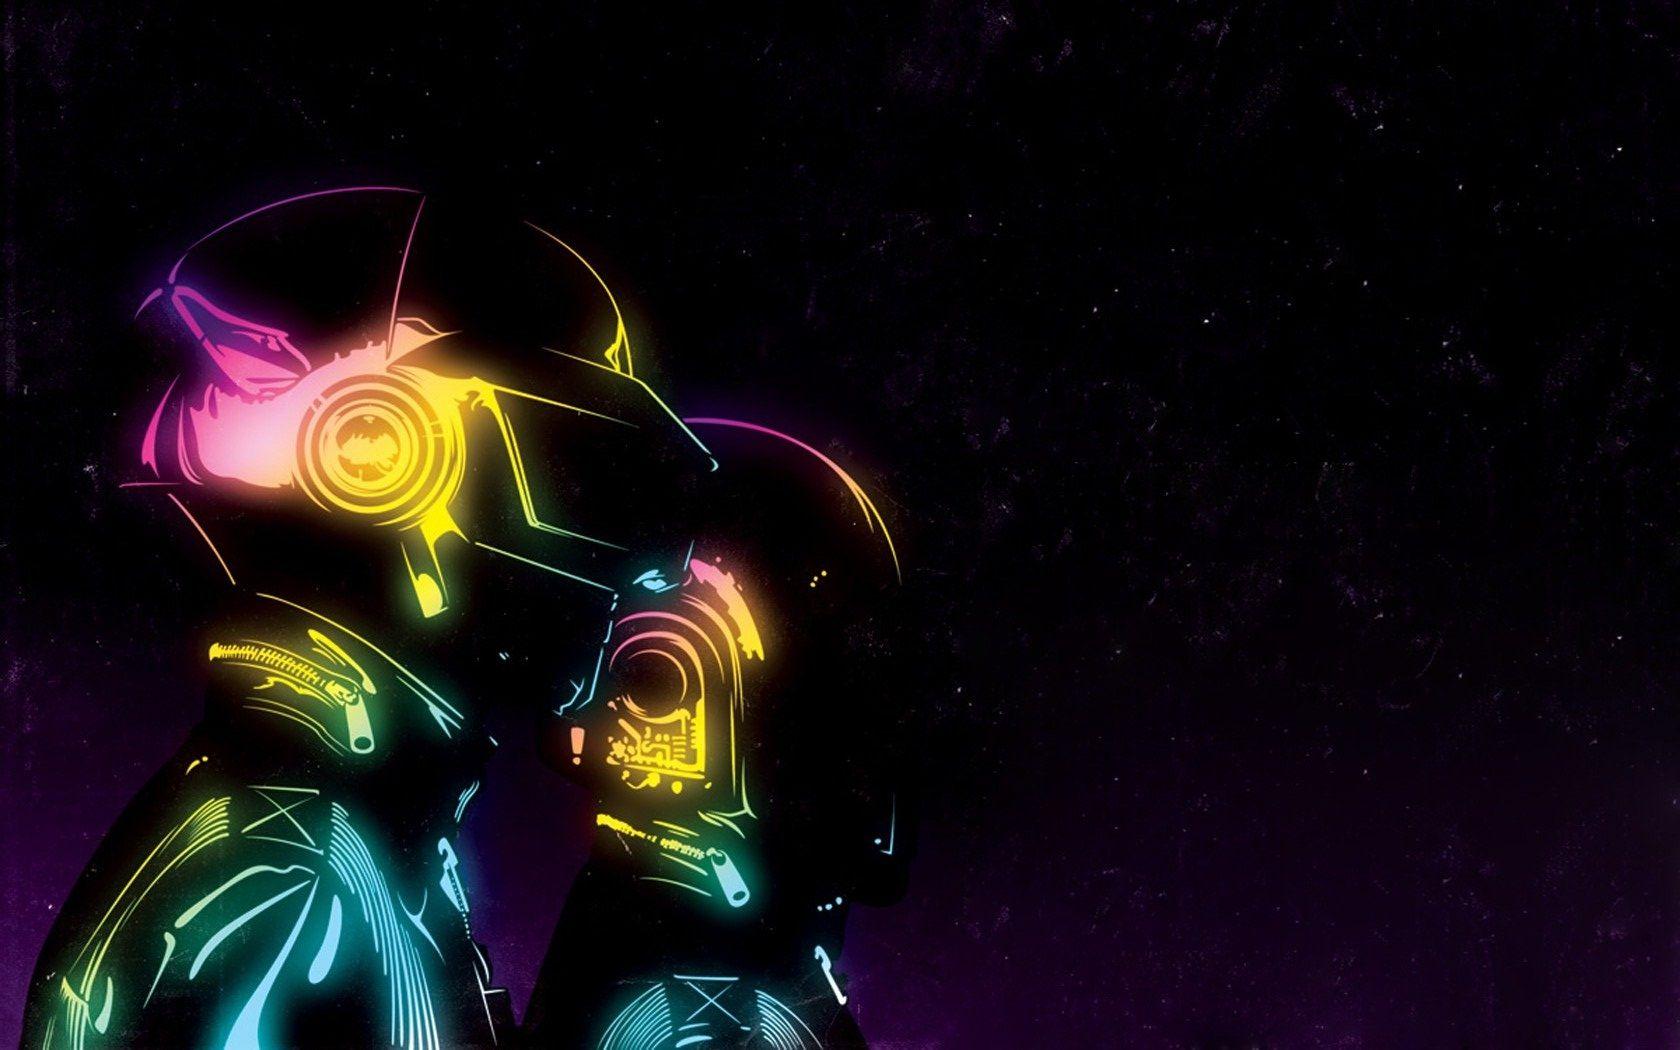 Daft Punk.   Daft punk, Minimal wallpaper, Music wallpaper